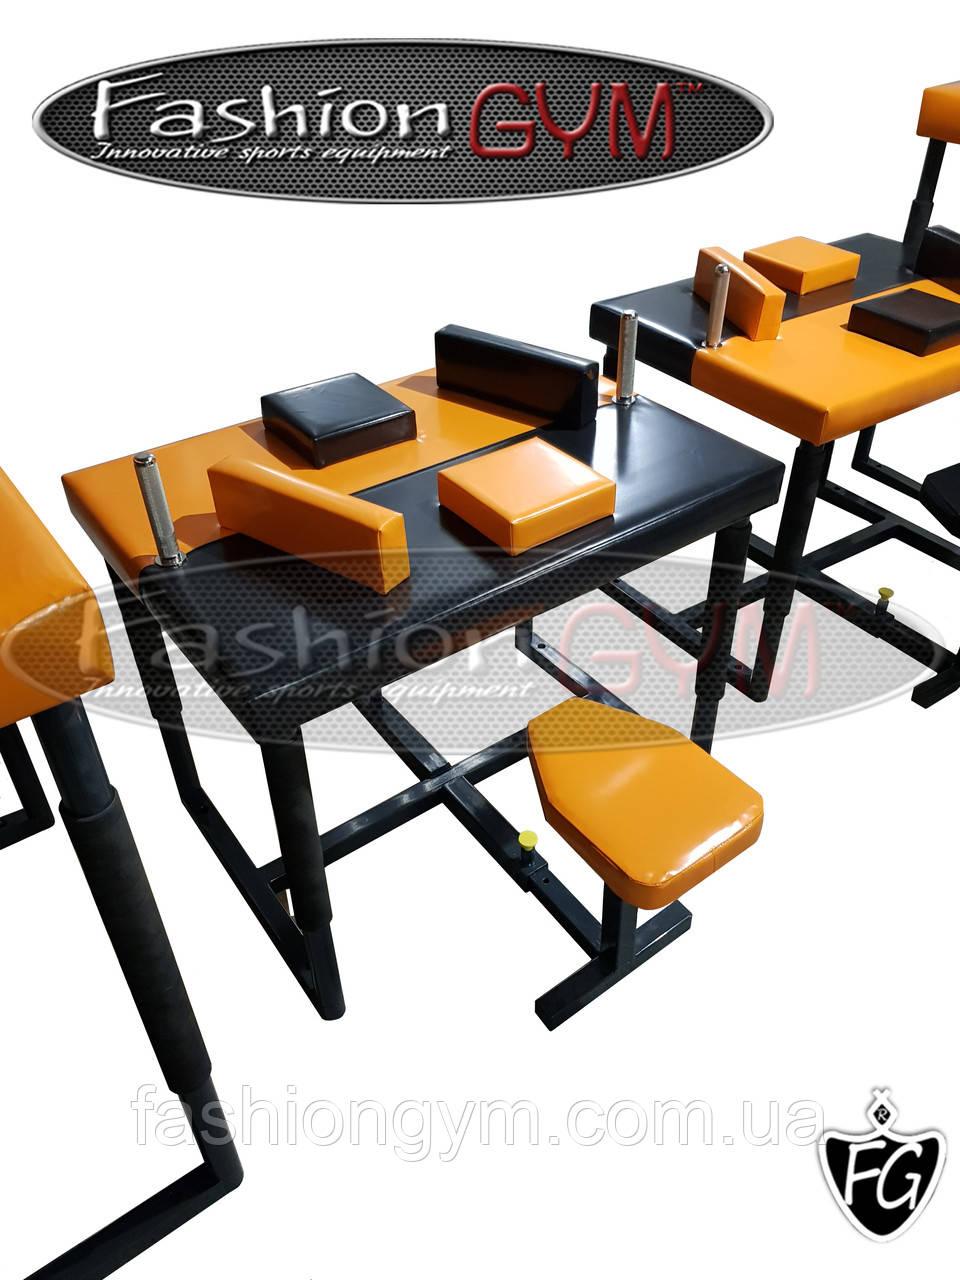 Стол для армрестлинга инвалидов колясочников, инвалидов борющихся сидя